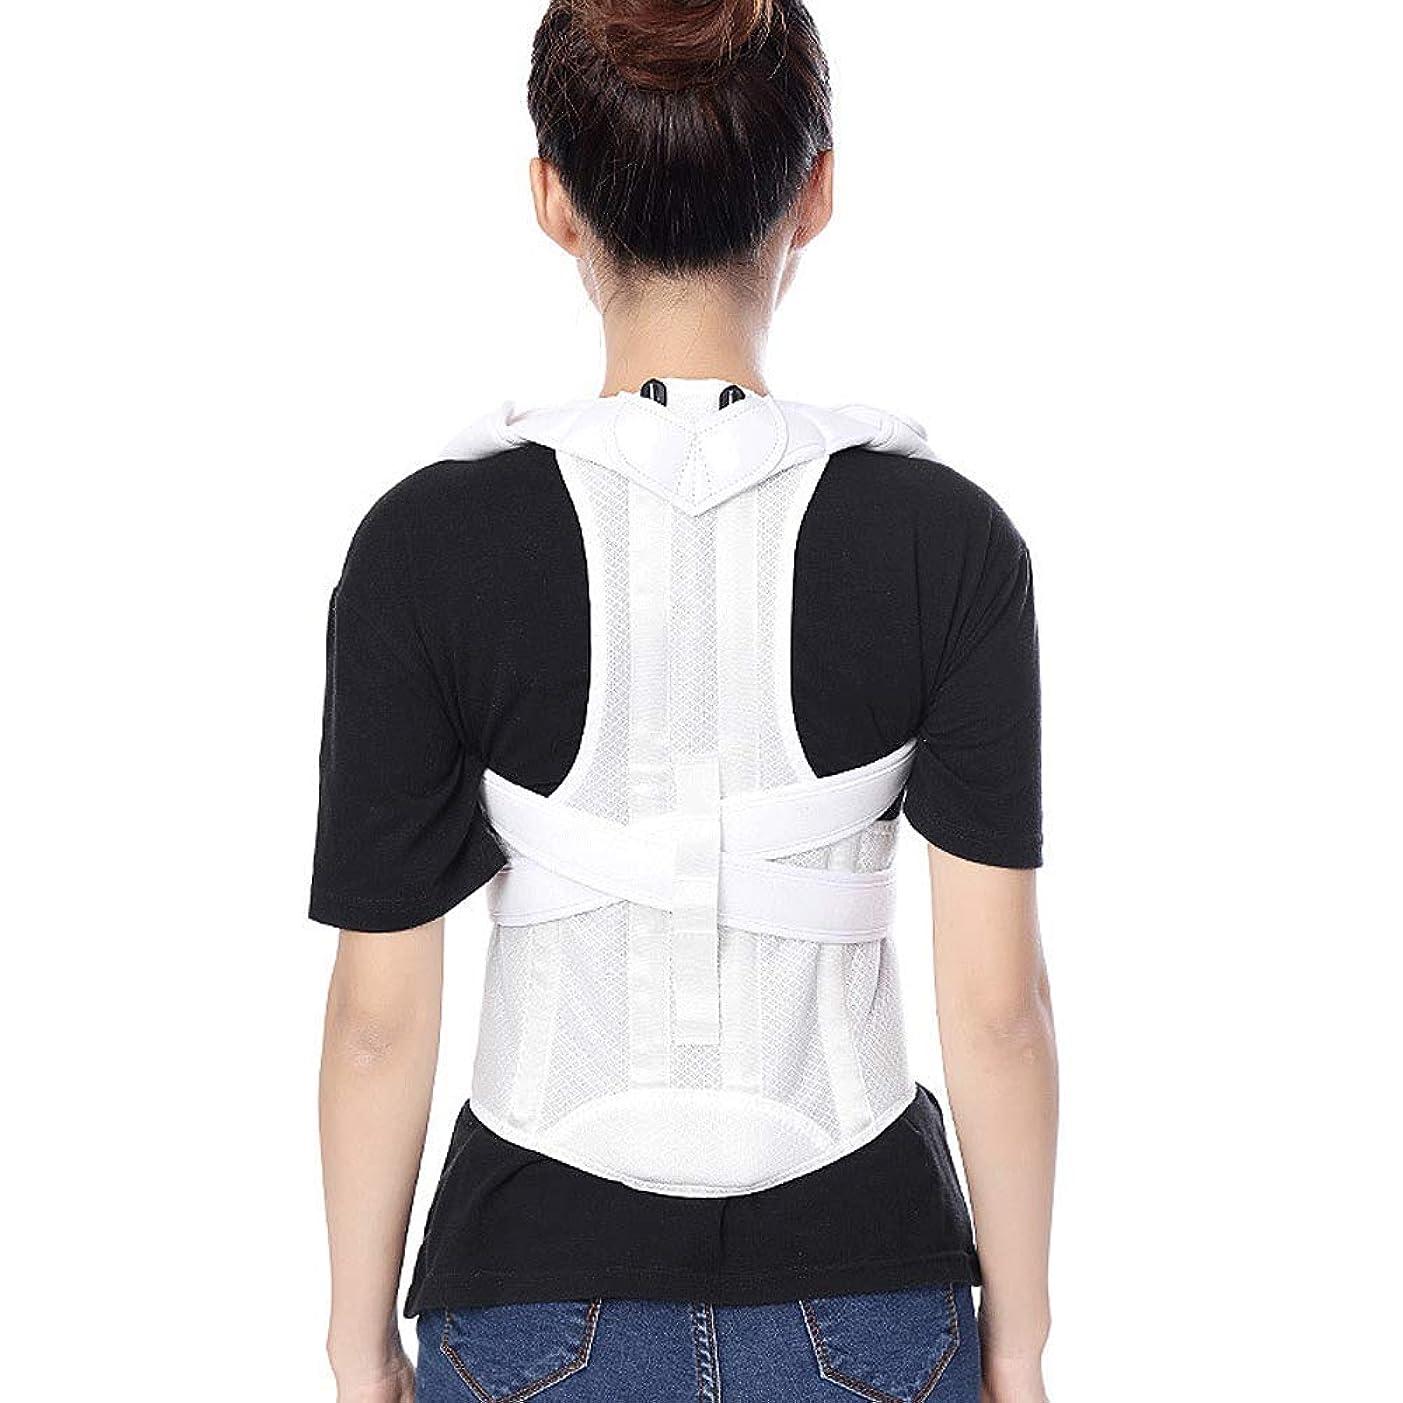 スパイ剛性六分儀姿勢矯正ベルト - バックポスチャコレクター 男性 & 女性 - フルバックブレース ショルダー 姿勢補正 にとって 上下腰のサポート (Color : White, Size : XL)